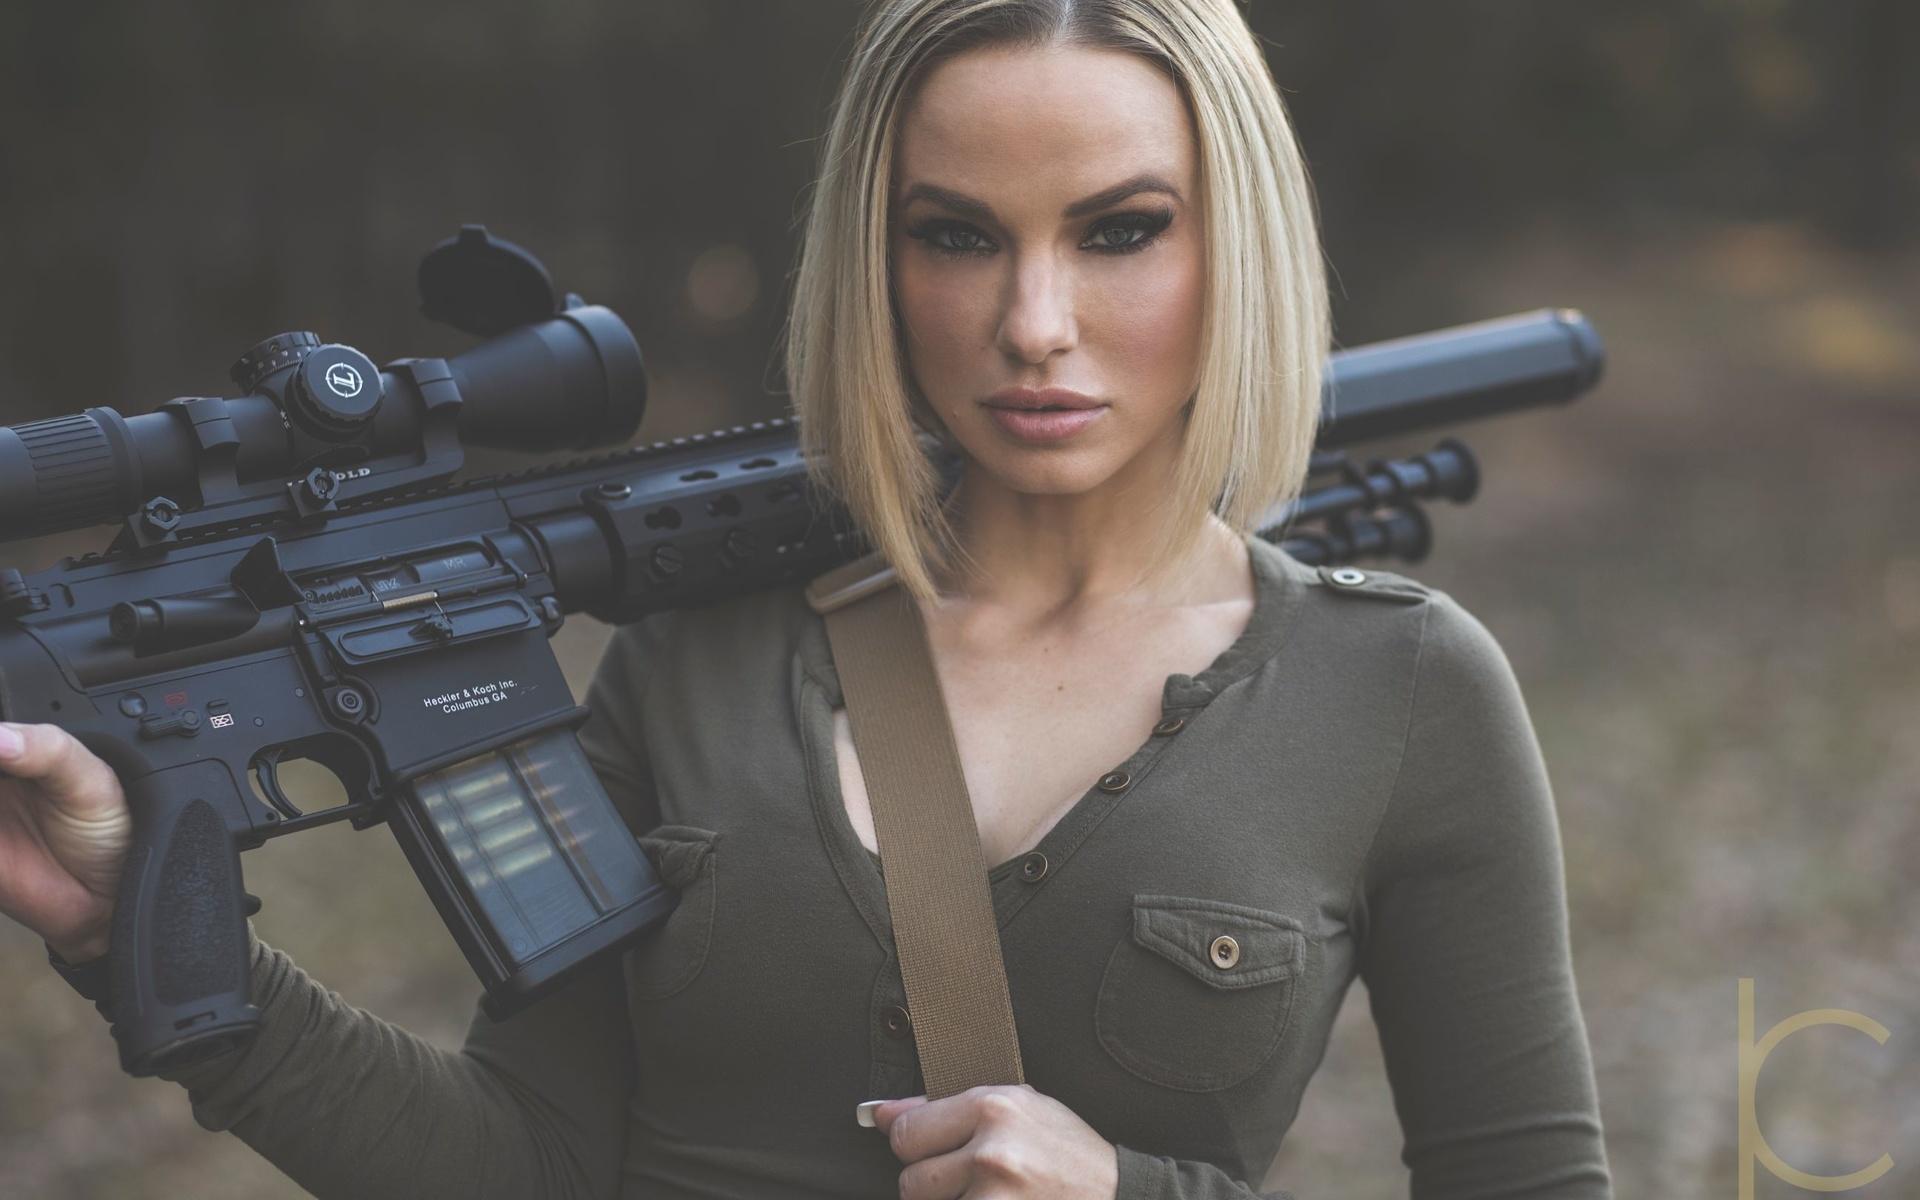 Картинке девушек с оружием